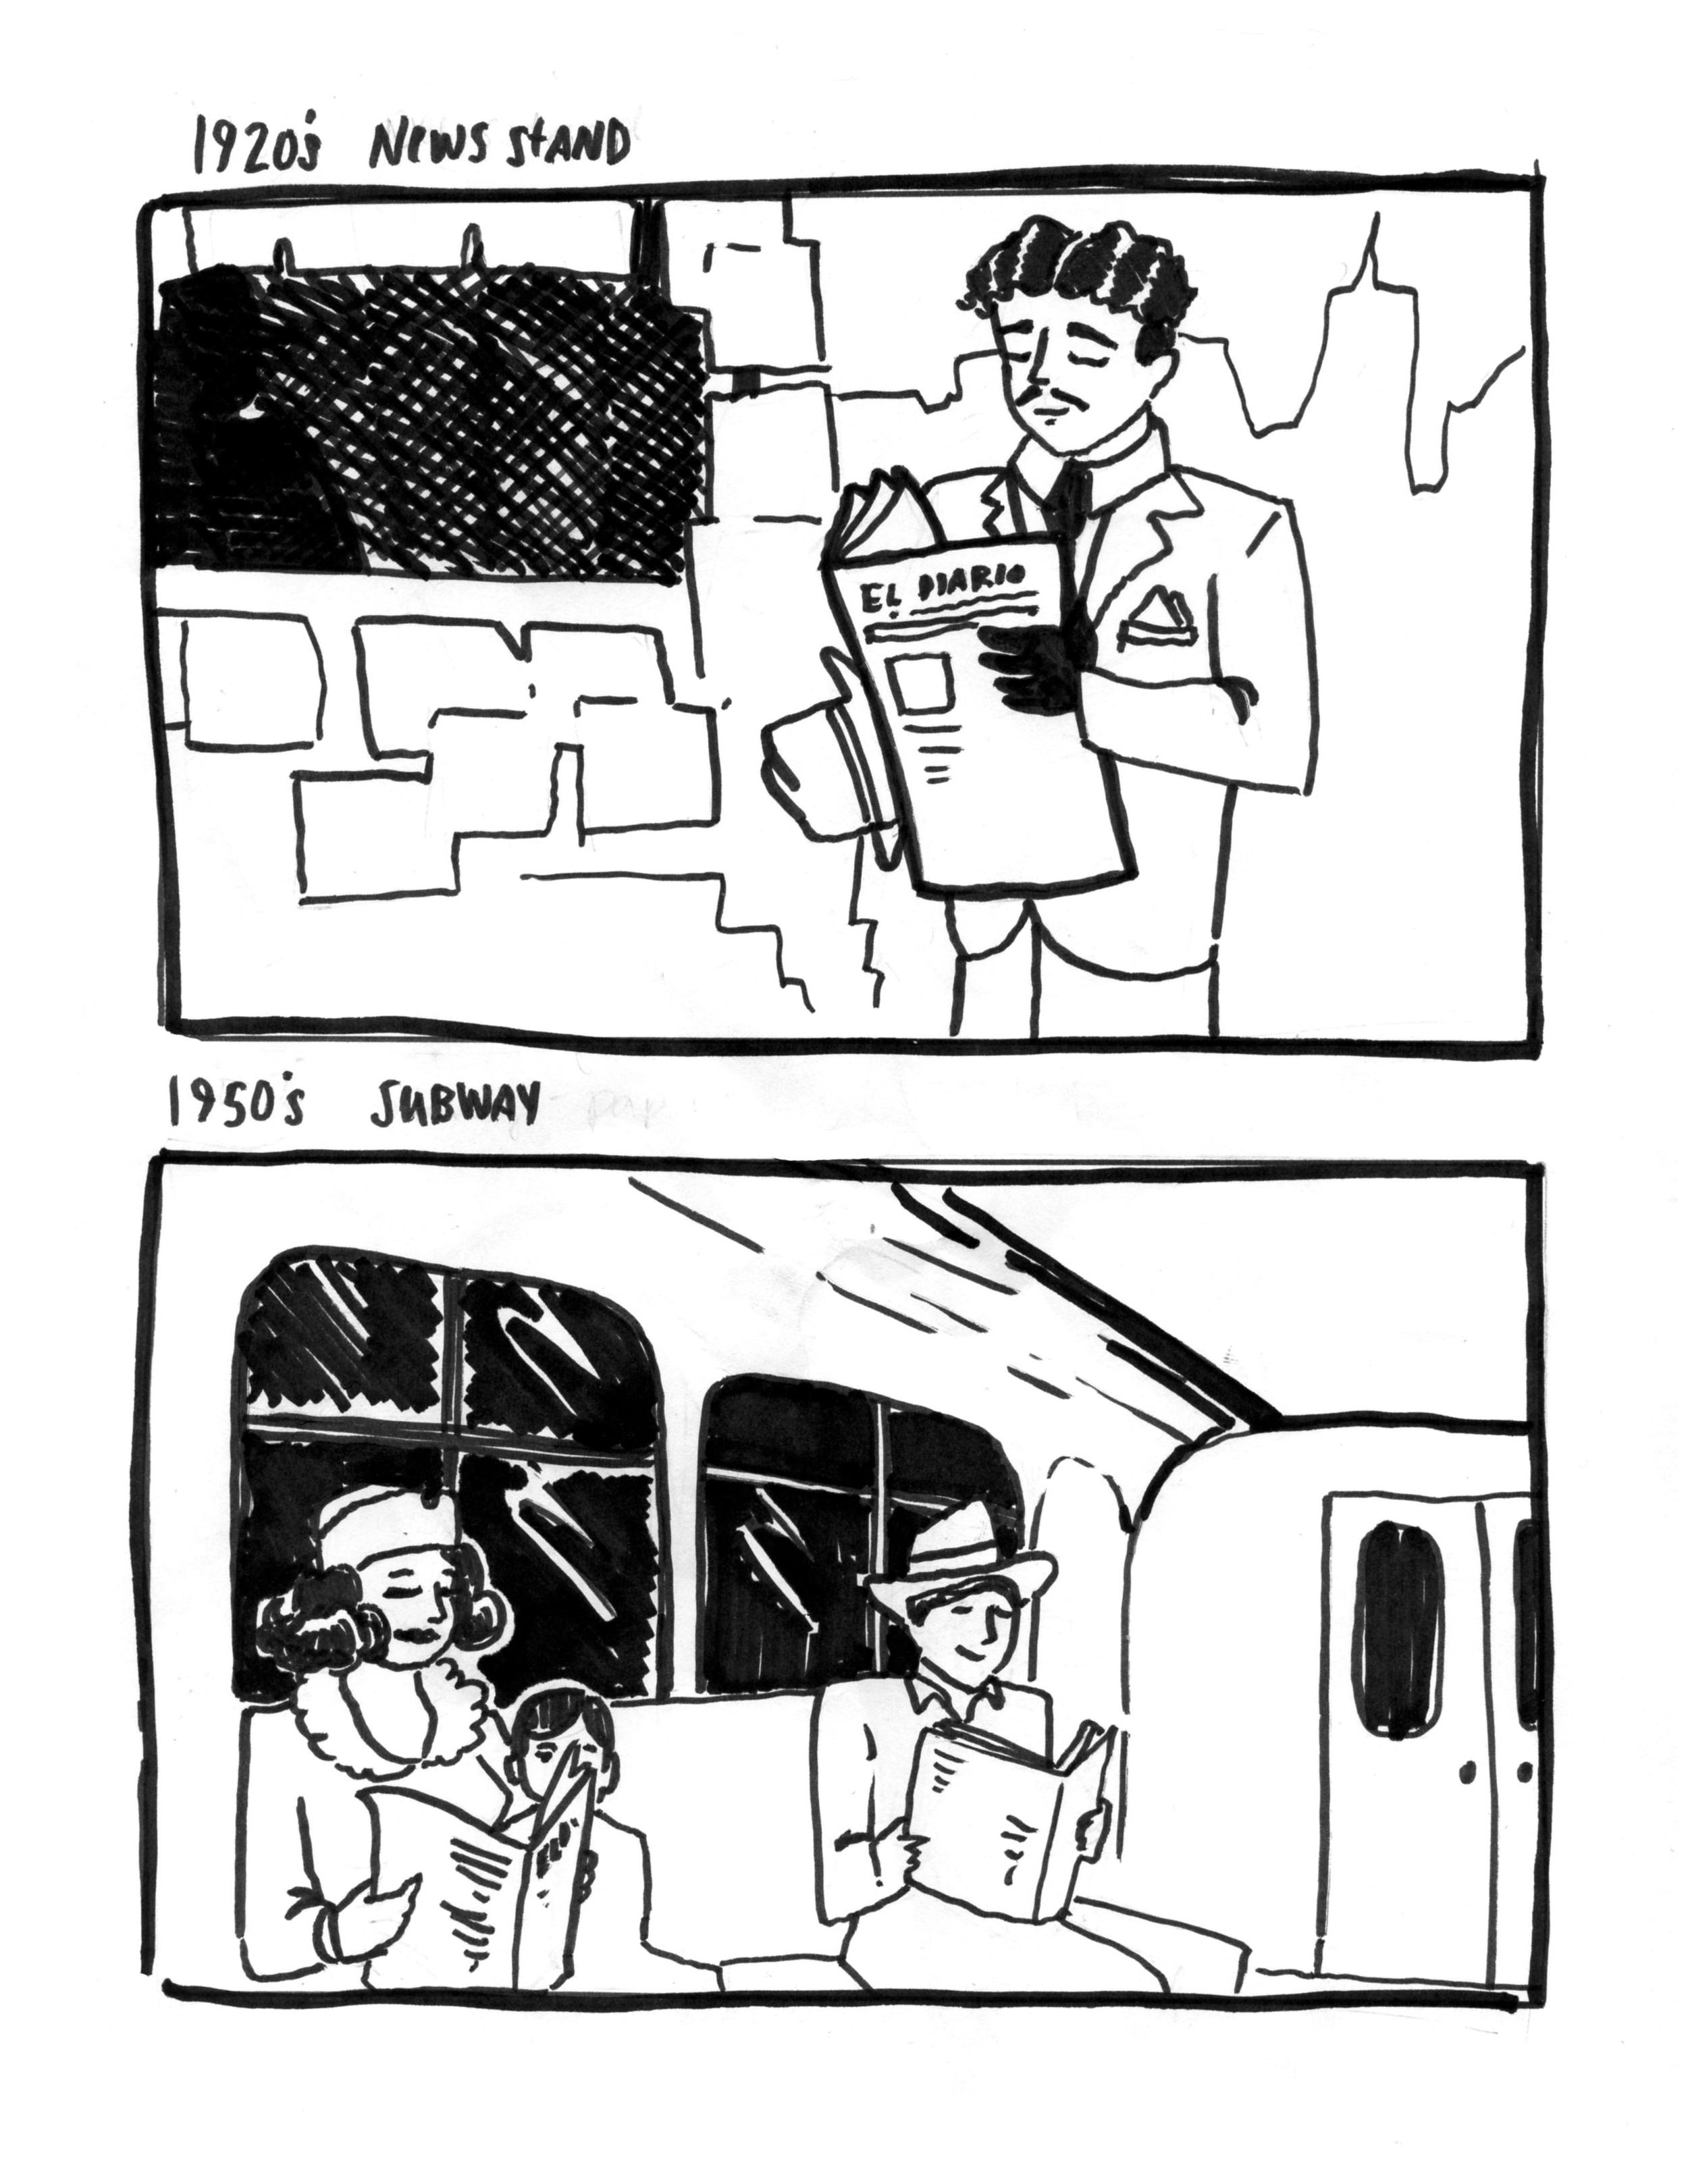 El Diario Storyboard-1.jpg